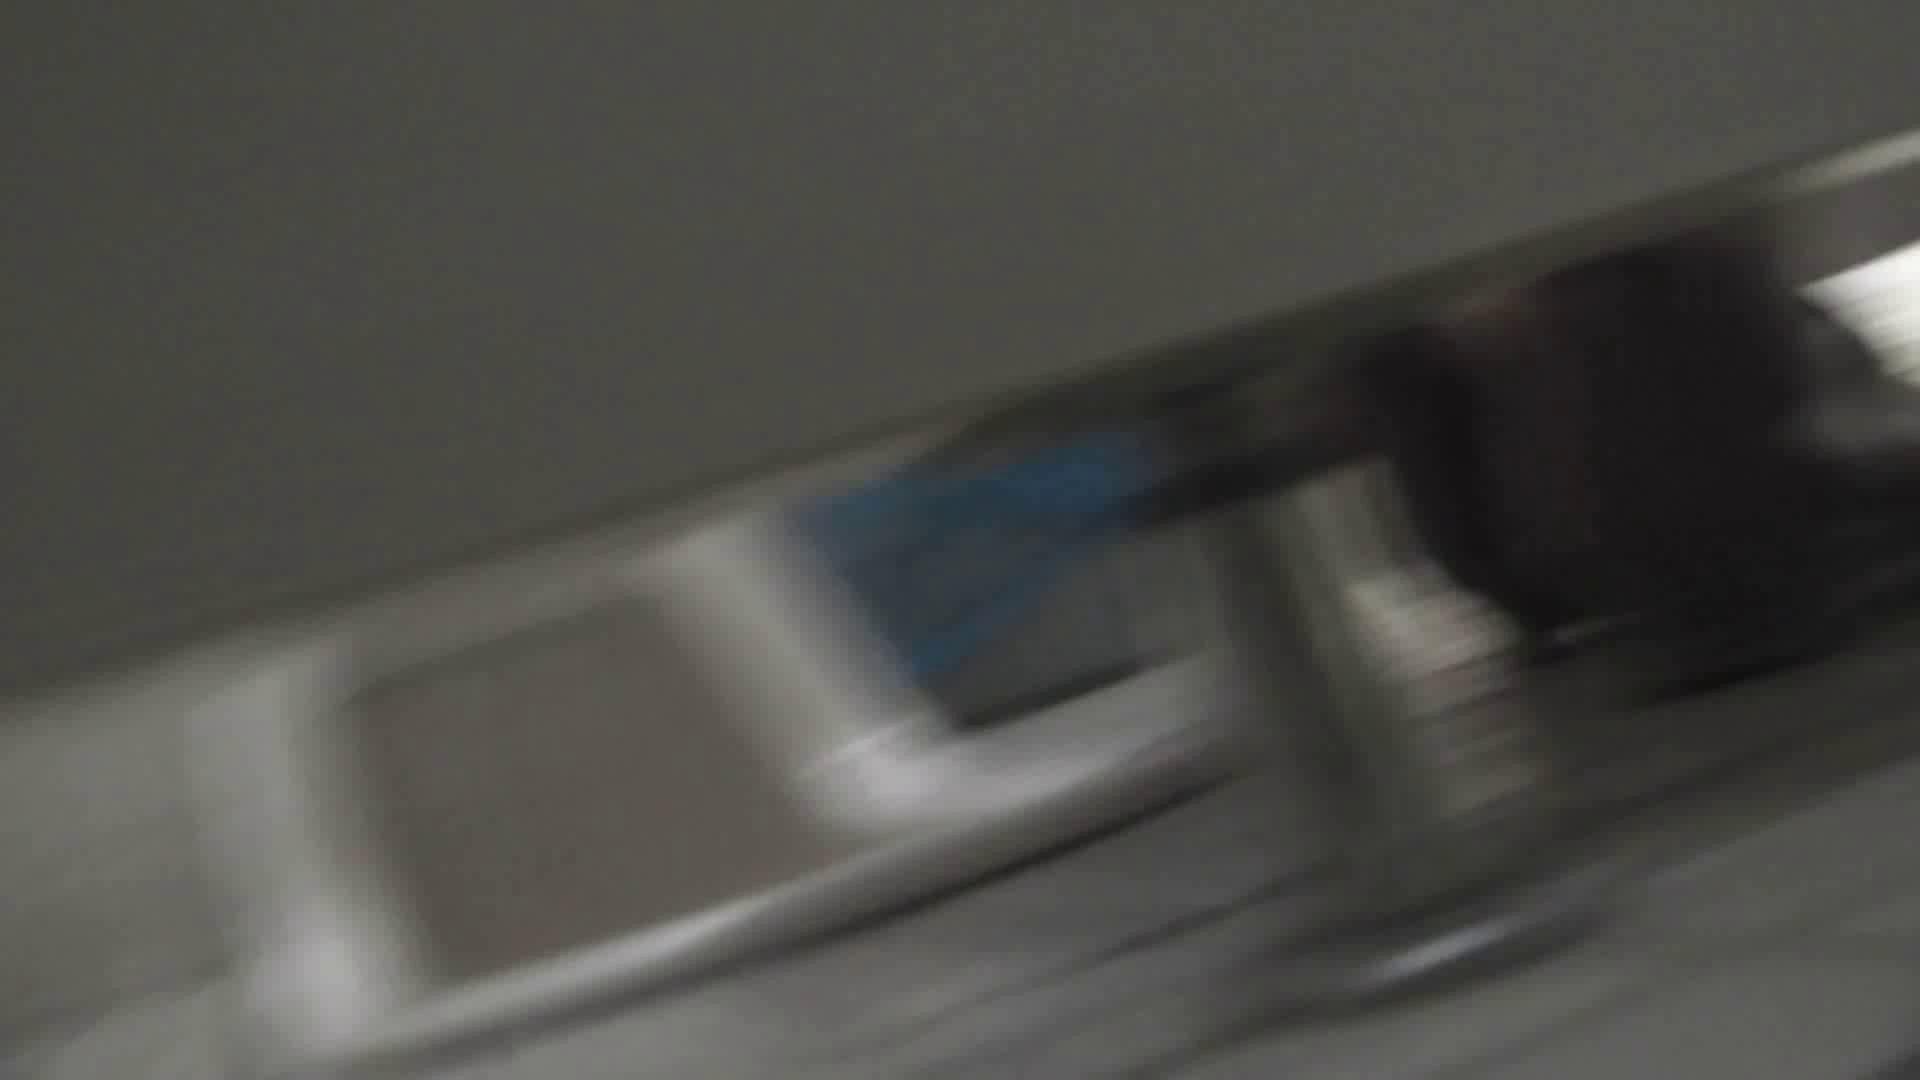 vol.25三十時間潜り、一つしか出会えない完璧桃尻編 byお銀 洗面所のぞき   高画質  106枚 100